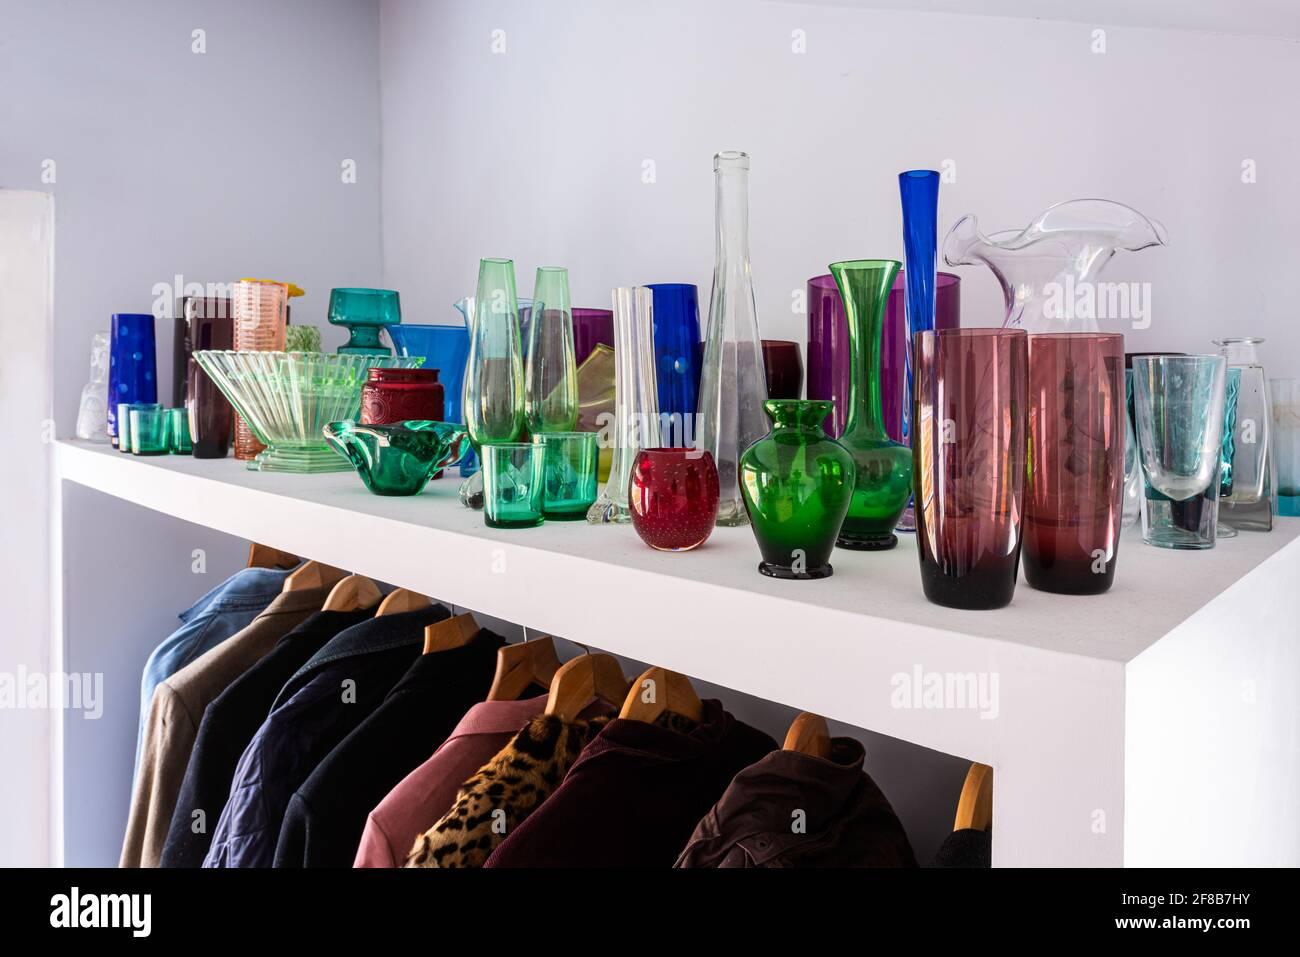 Collection de verre sur étagère au-dessus des manteaux, un bijou-comme l'étalage. Banque D'Images